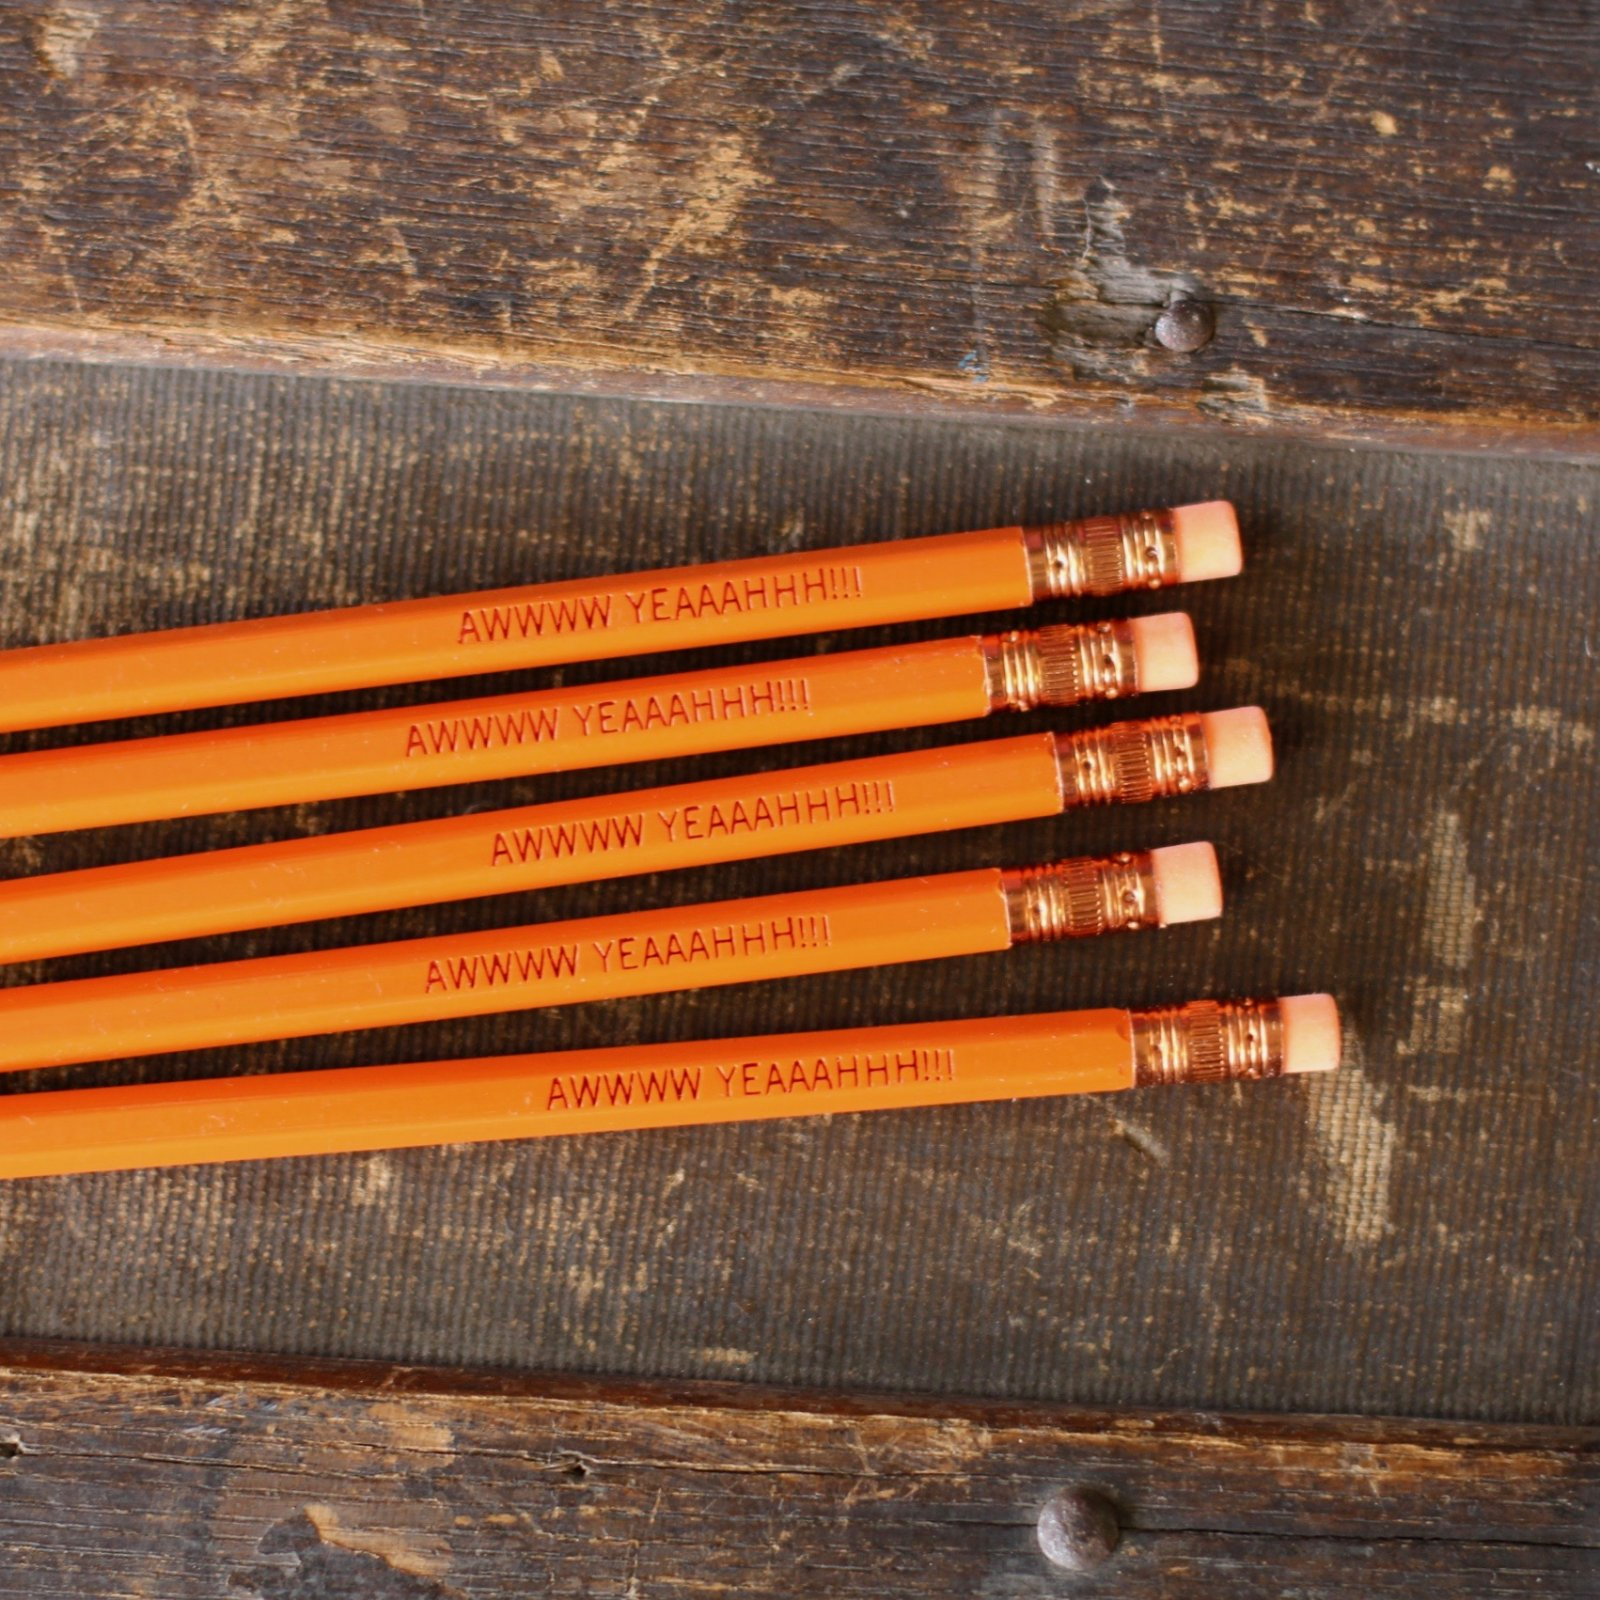 AWWWW YEAAAHHH! Pencil